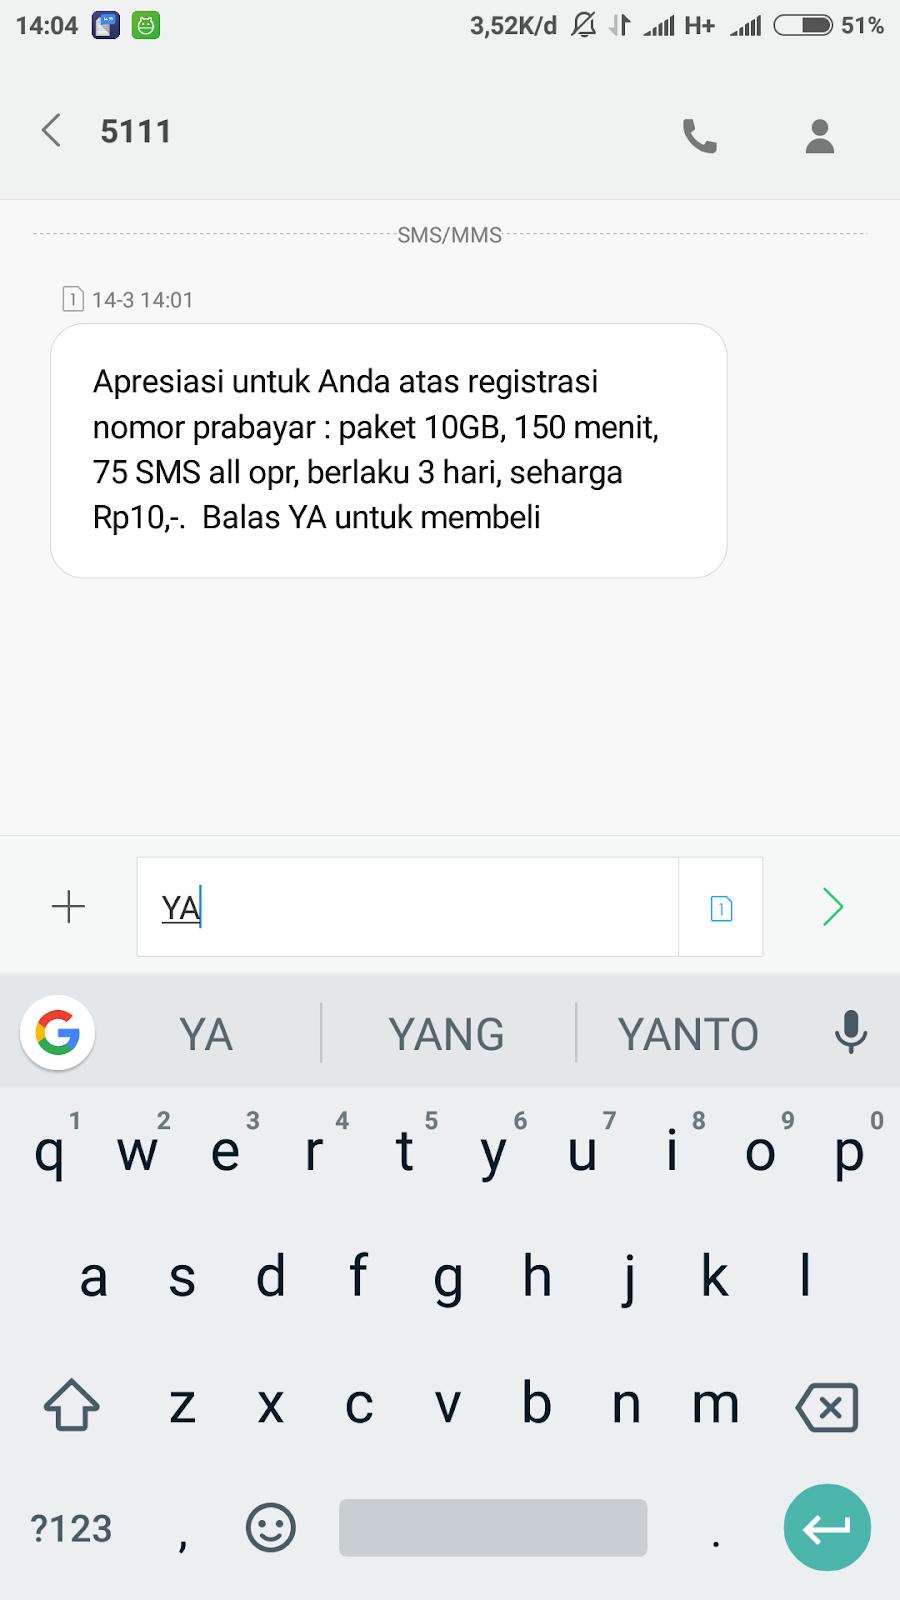 Cara Mendapatkan Bonus Kuota 10gb Dari Telkomsel Meskipun Sudah Isi Ualang Paket Xl Pulsa 5000 300 Habis Nelpon 188 Dan 10 Beli